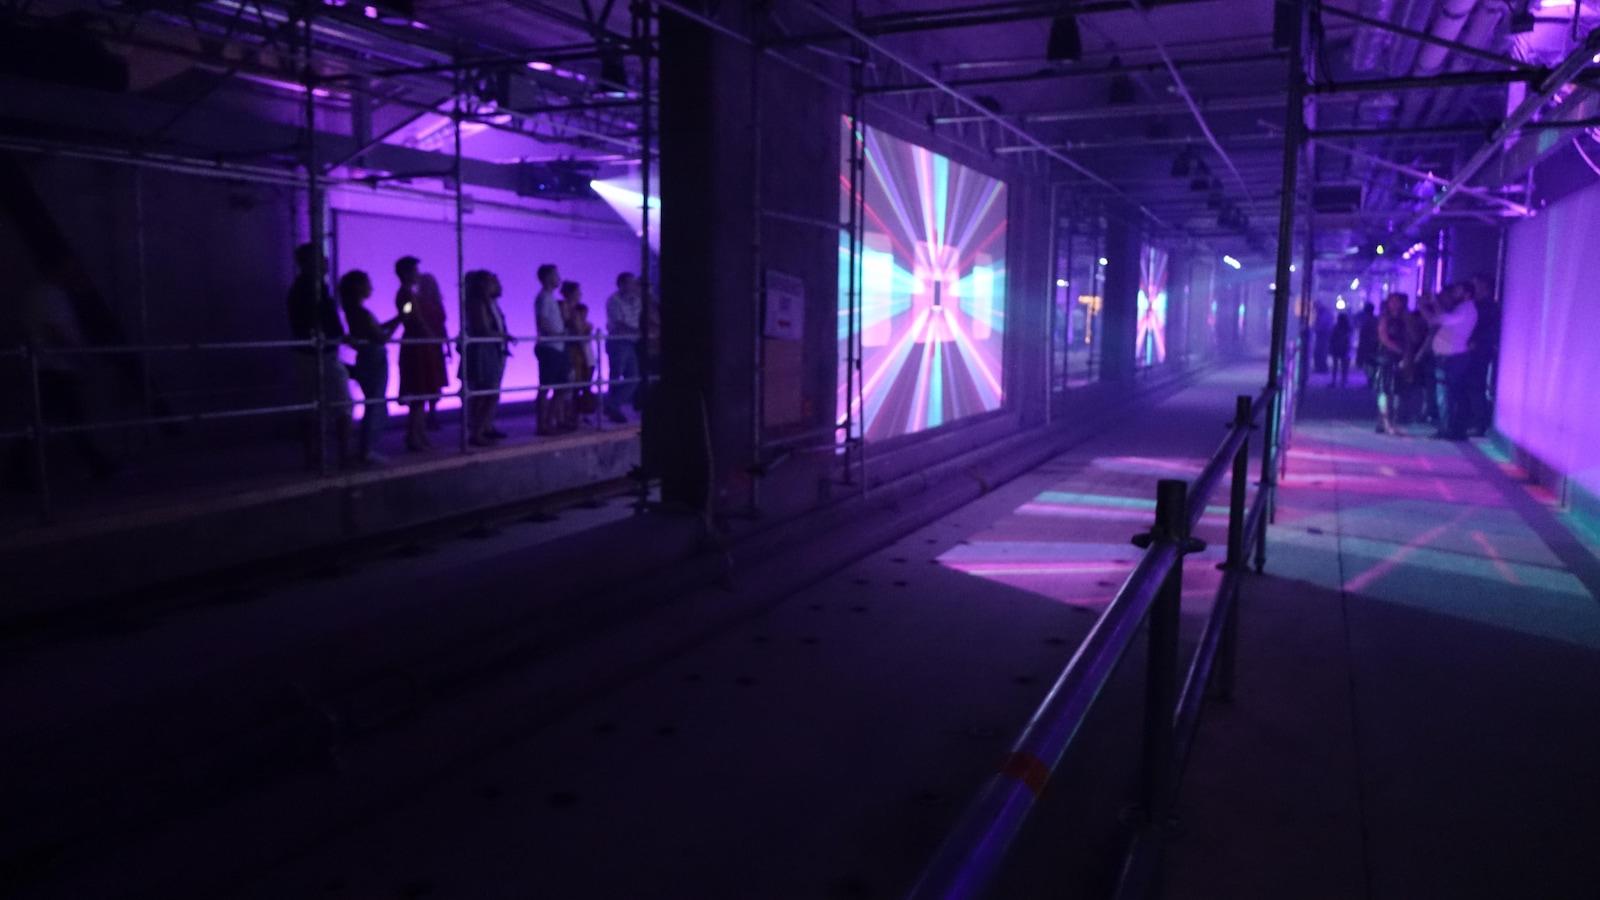 Le quai d'embarquement doté de plusieurs écrans lumineux